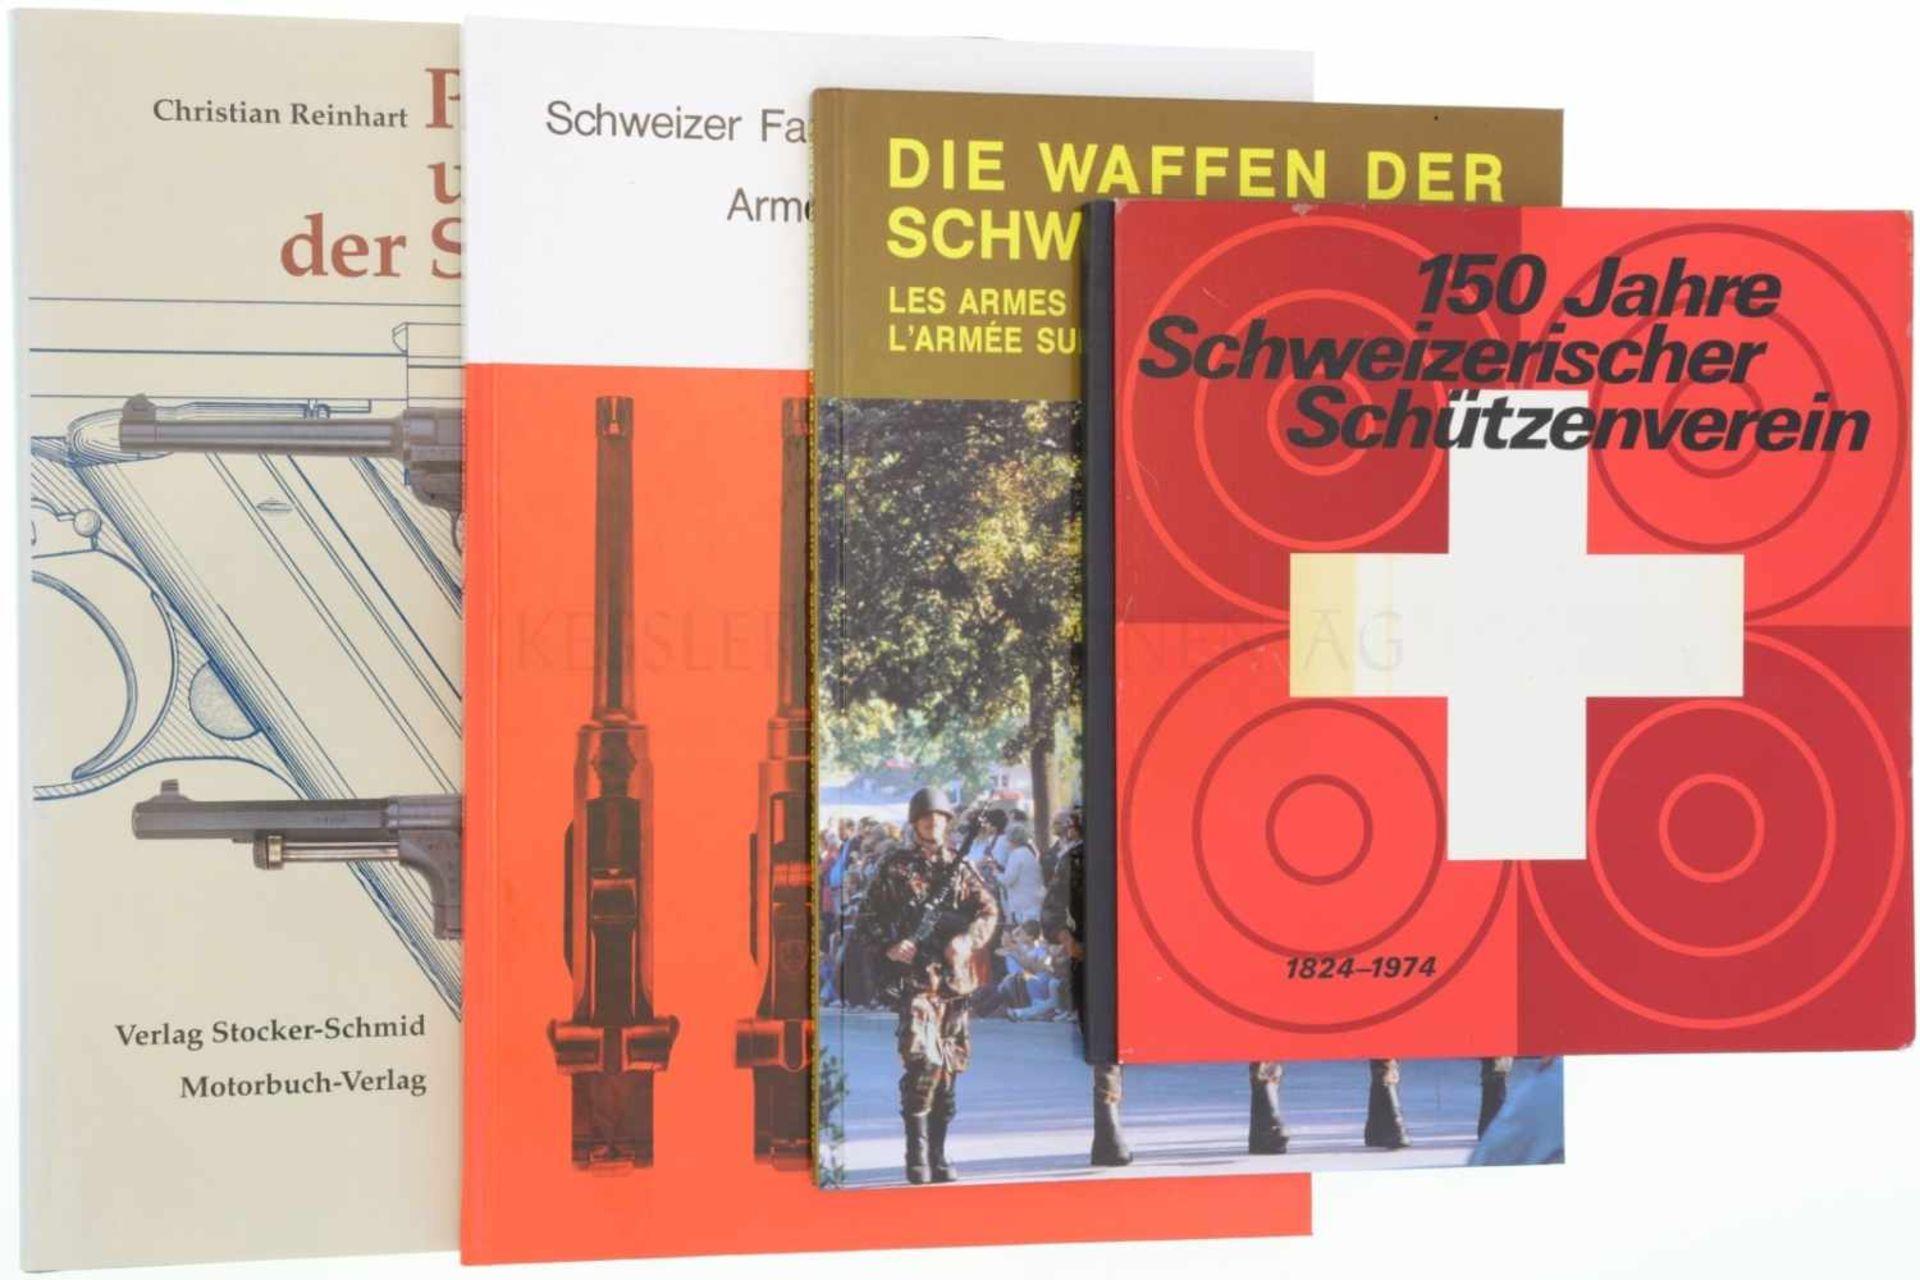 Konvolut von 4 Büchern 1. 150 Jahre Schweizerischer Schützenverein, 1824-1974. 2. Die Waffen der